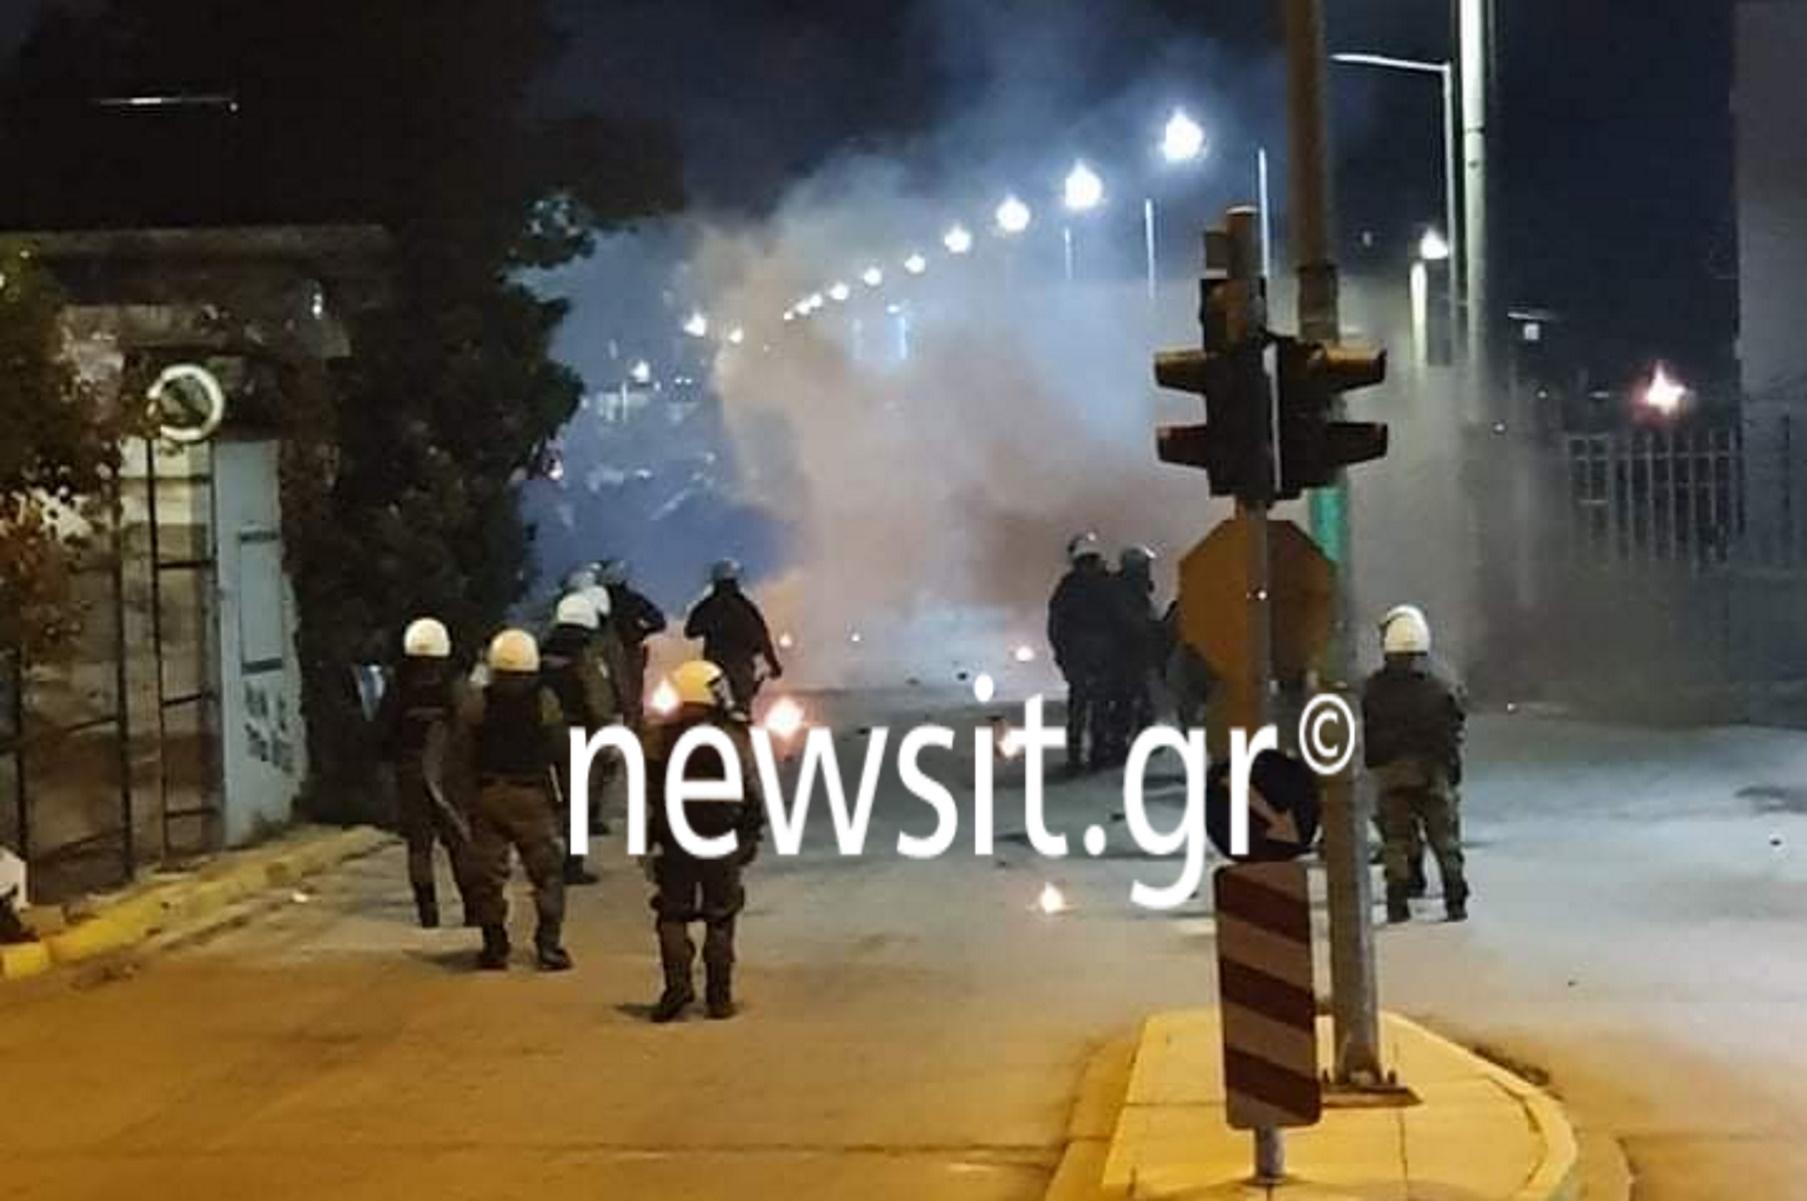 Ασπρόπυργος: Ρομά πέταξαν μολότοφ και πέτρες σε αστυνομικούς